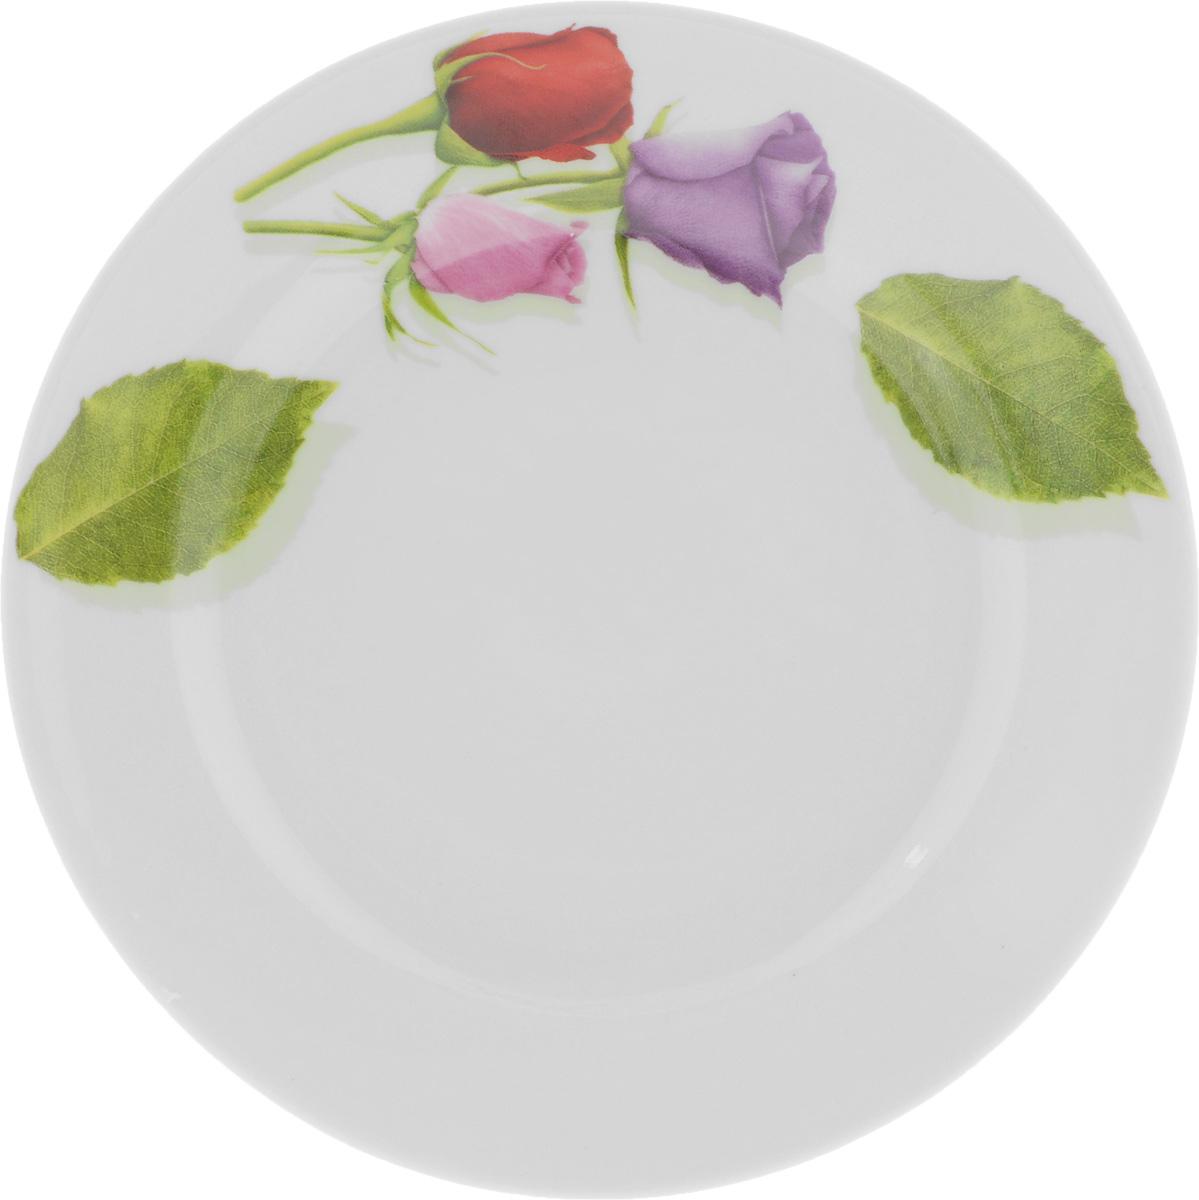 Тарелка десертная Идиллия. Королева цветов, диаметр 17 см1035448Десертная тарелка Идиллия. Королева цветов, изготовленная из высококачественного фарфора, имеет изысканный внешний вид. Такая тарелка прекрасно подходит как для торжественных случаев, так и для повседневного использования. Идеальна для подачи десертов, пирожных, тортов и многого другого. Она прекрасно оформит стол и станет отличным дополнением к вашей коллекции кухонной посуды.